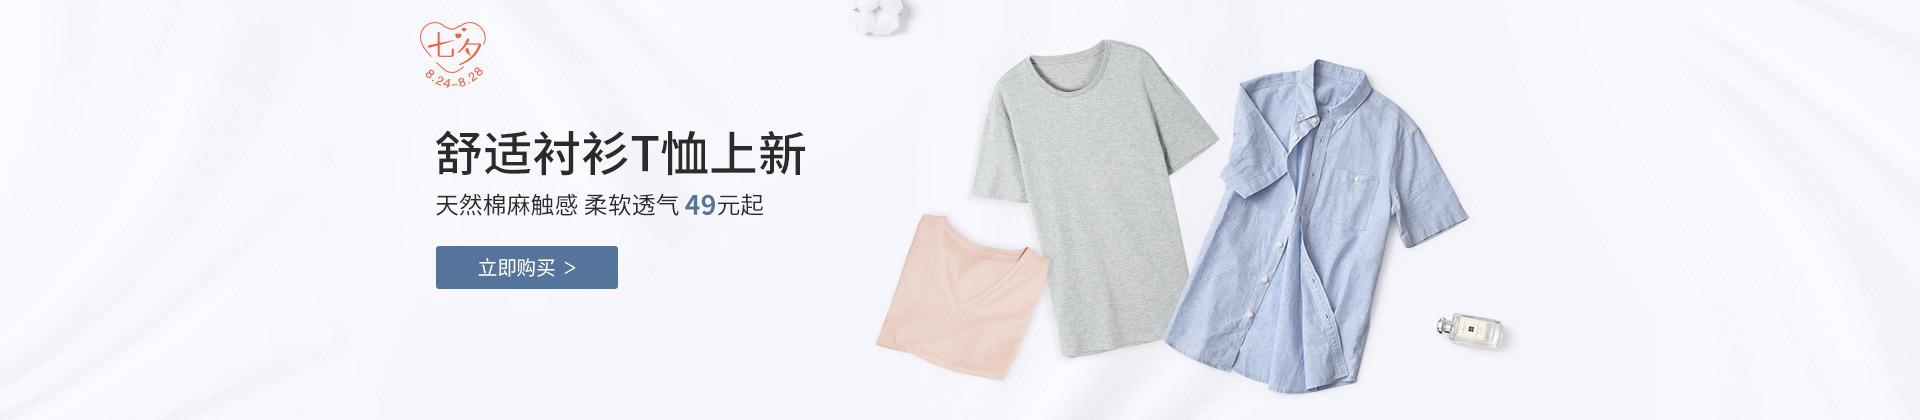 类目 T恤4